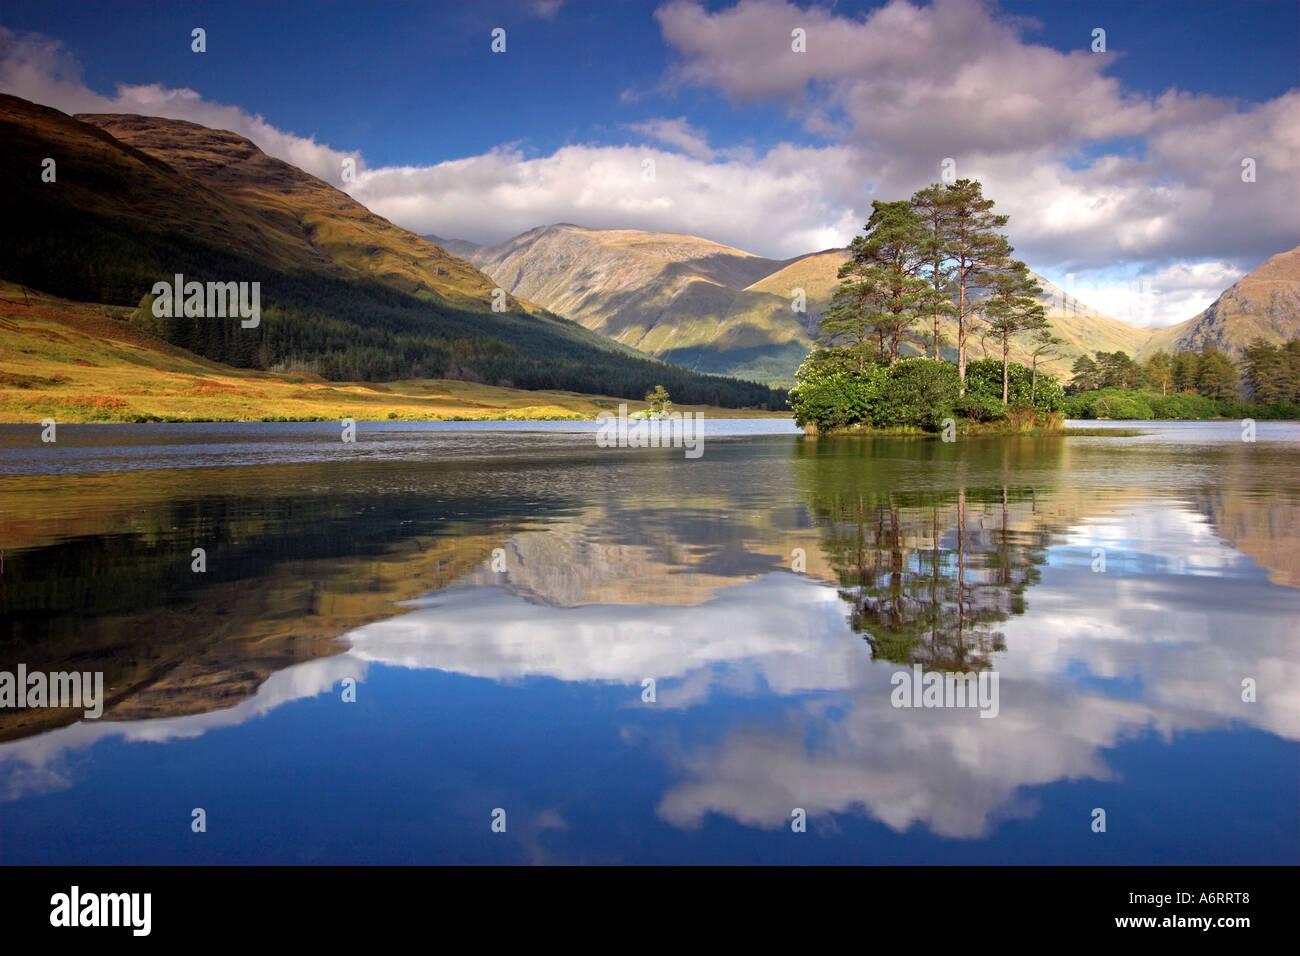 Ein perfektes Spiegelbild am Glen Etive in den schottischen Highlands.  Die einzige Insel, in der Sonne gebadet sitzt stolz auf den See. Stockbild